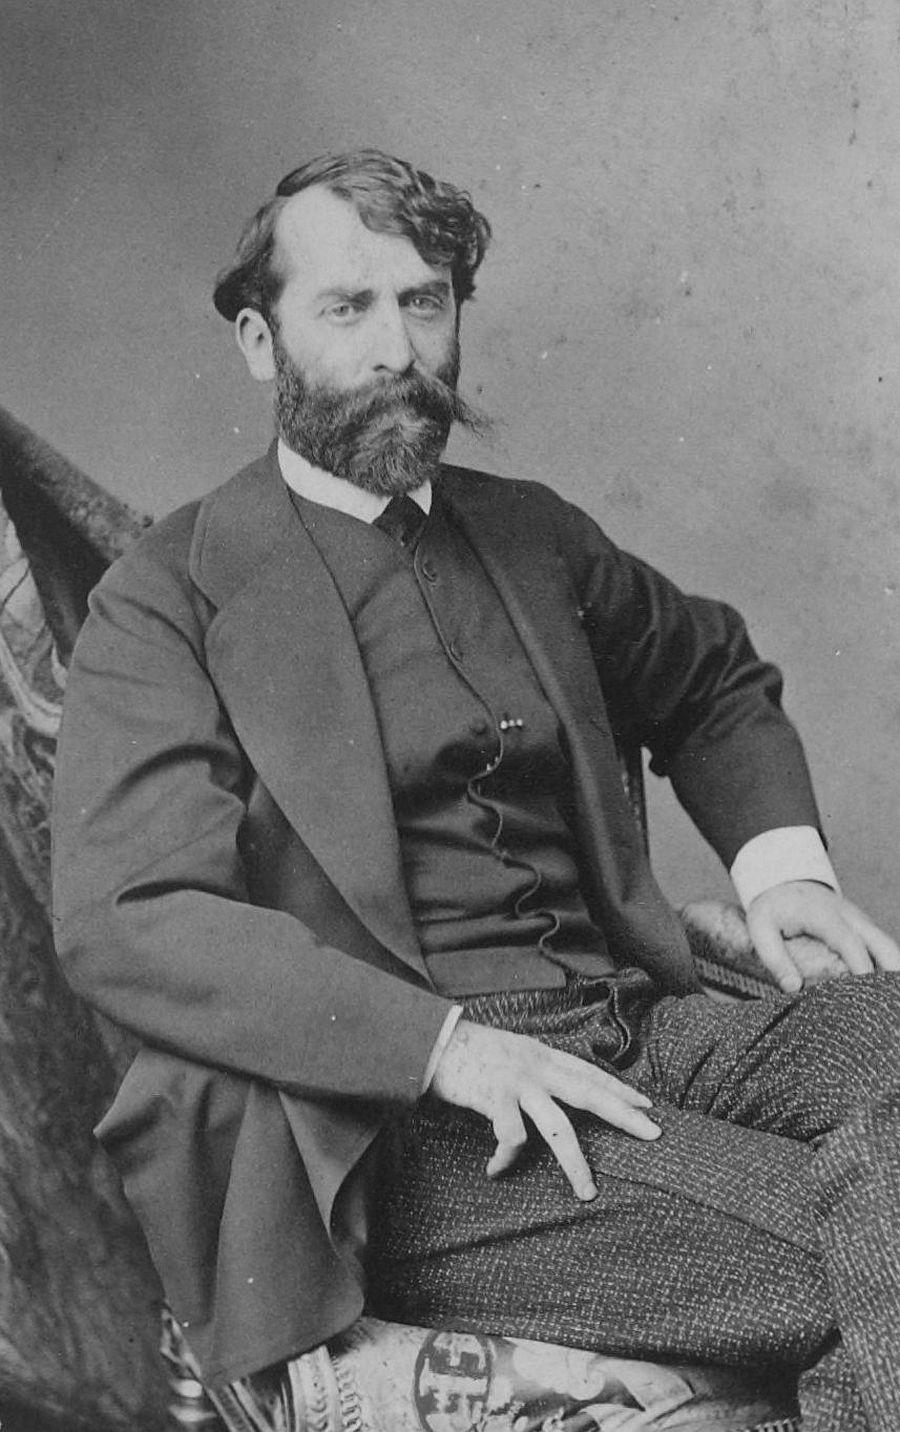 Portrait of Ferdinand Heilbuth, between 1860 and 1875 by Robert Jefferson Bingham